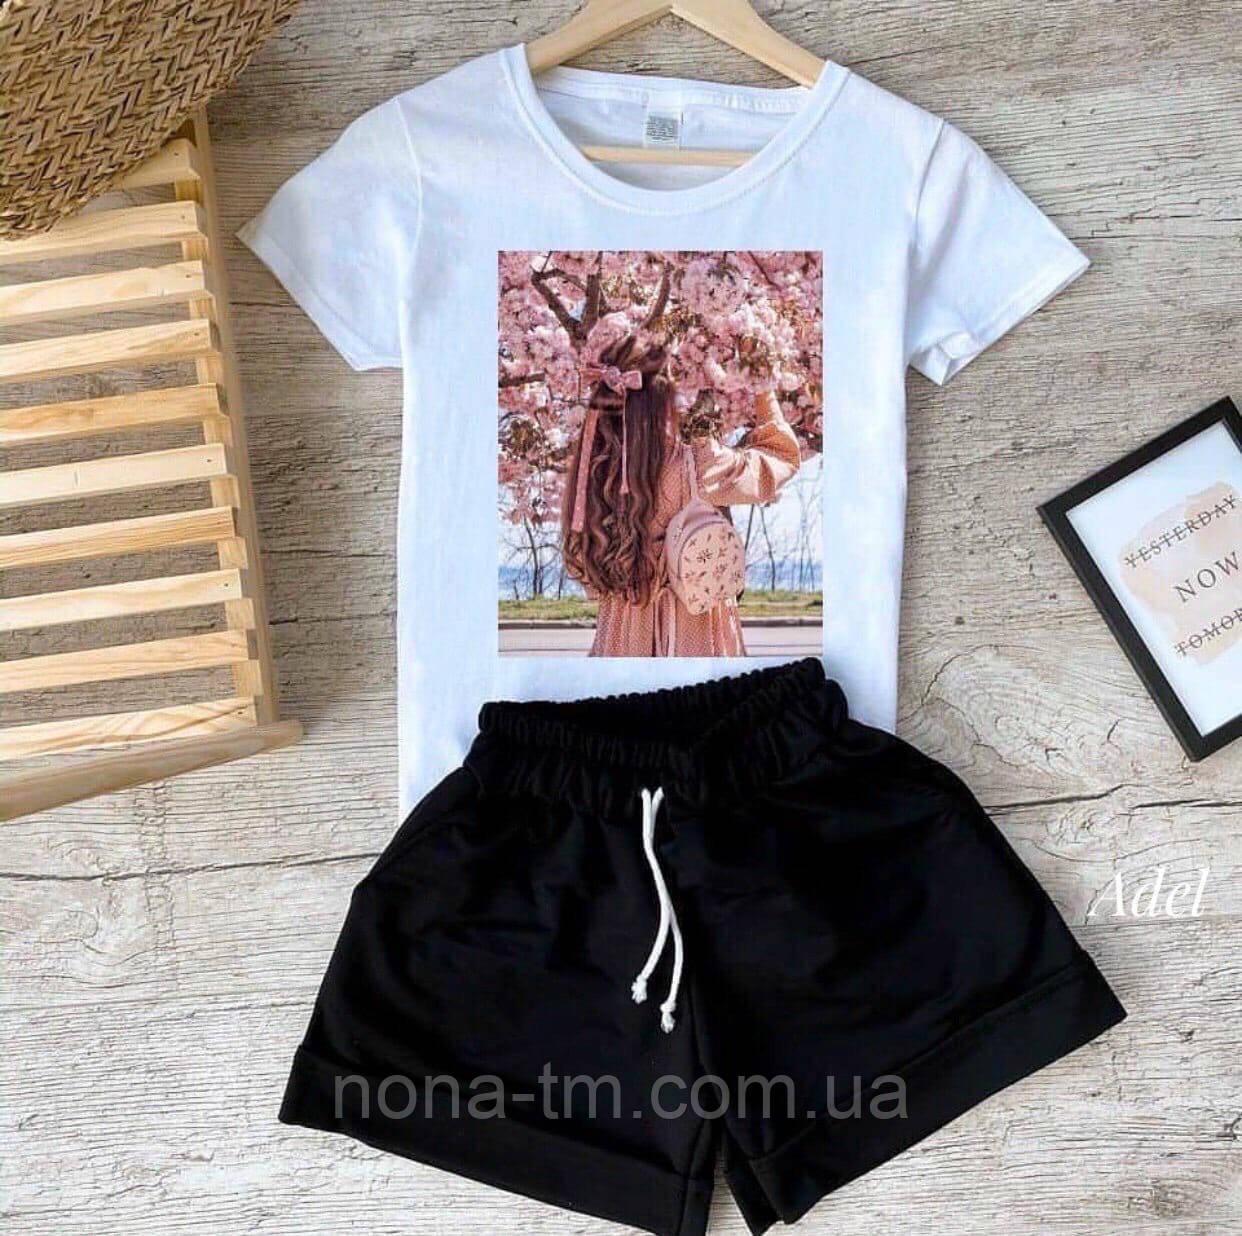 Стильний костюм жіночий з футболкою і шортами